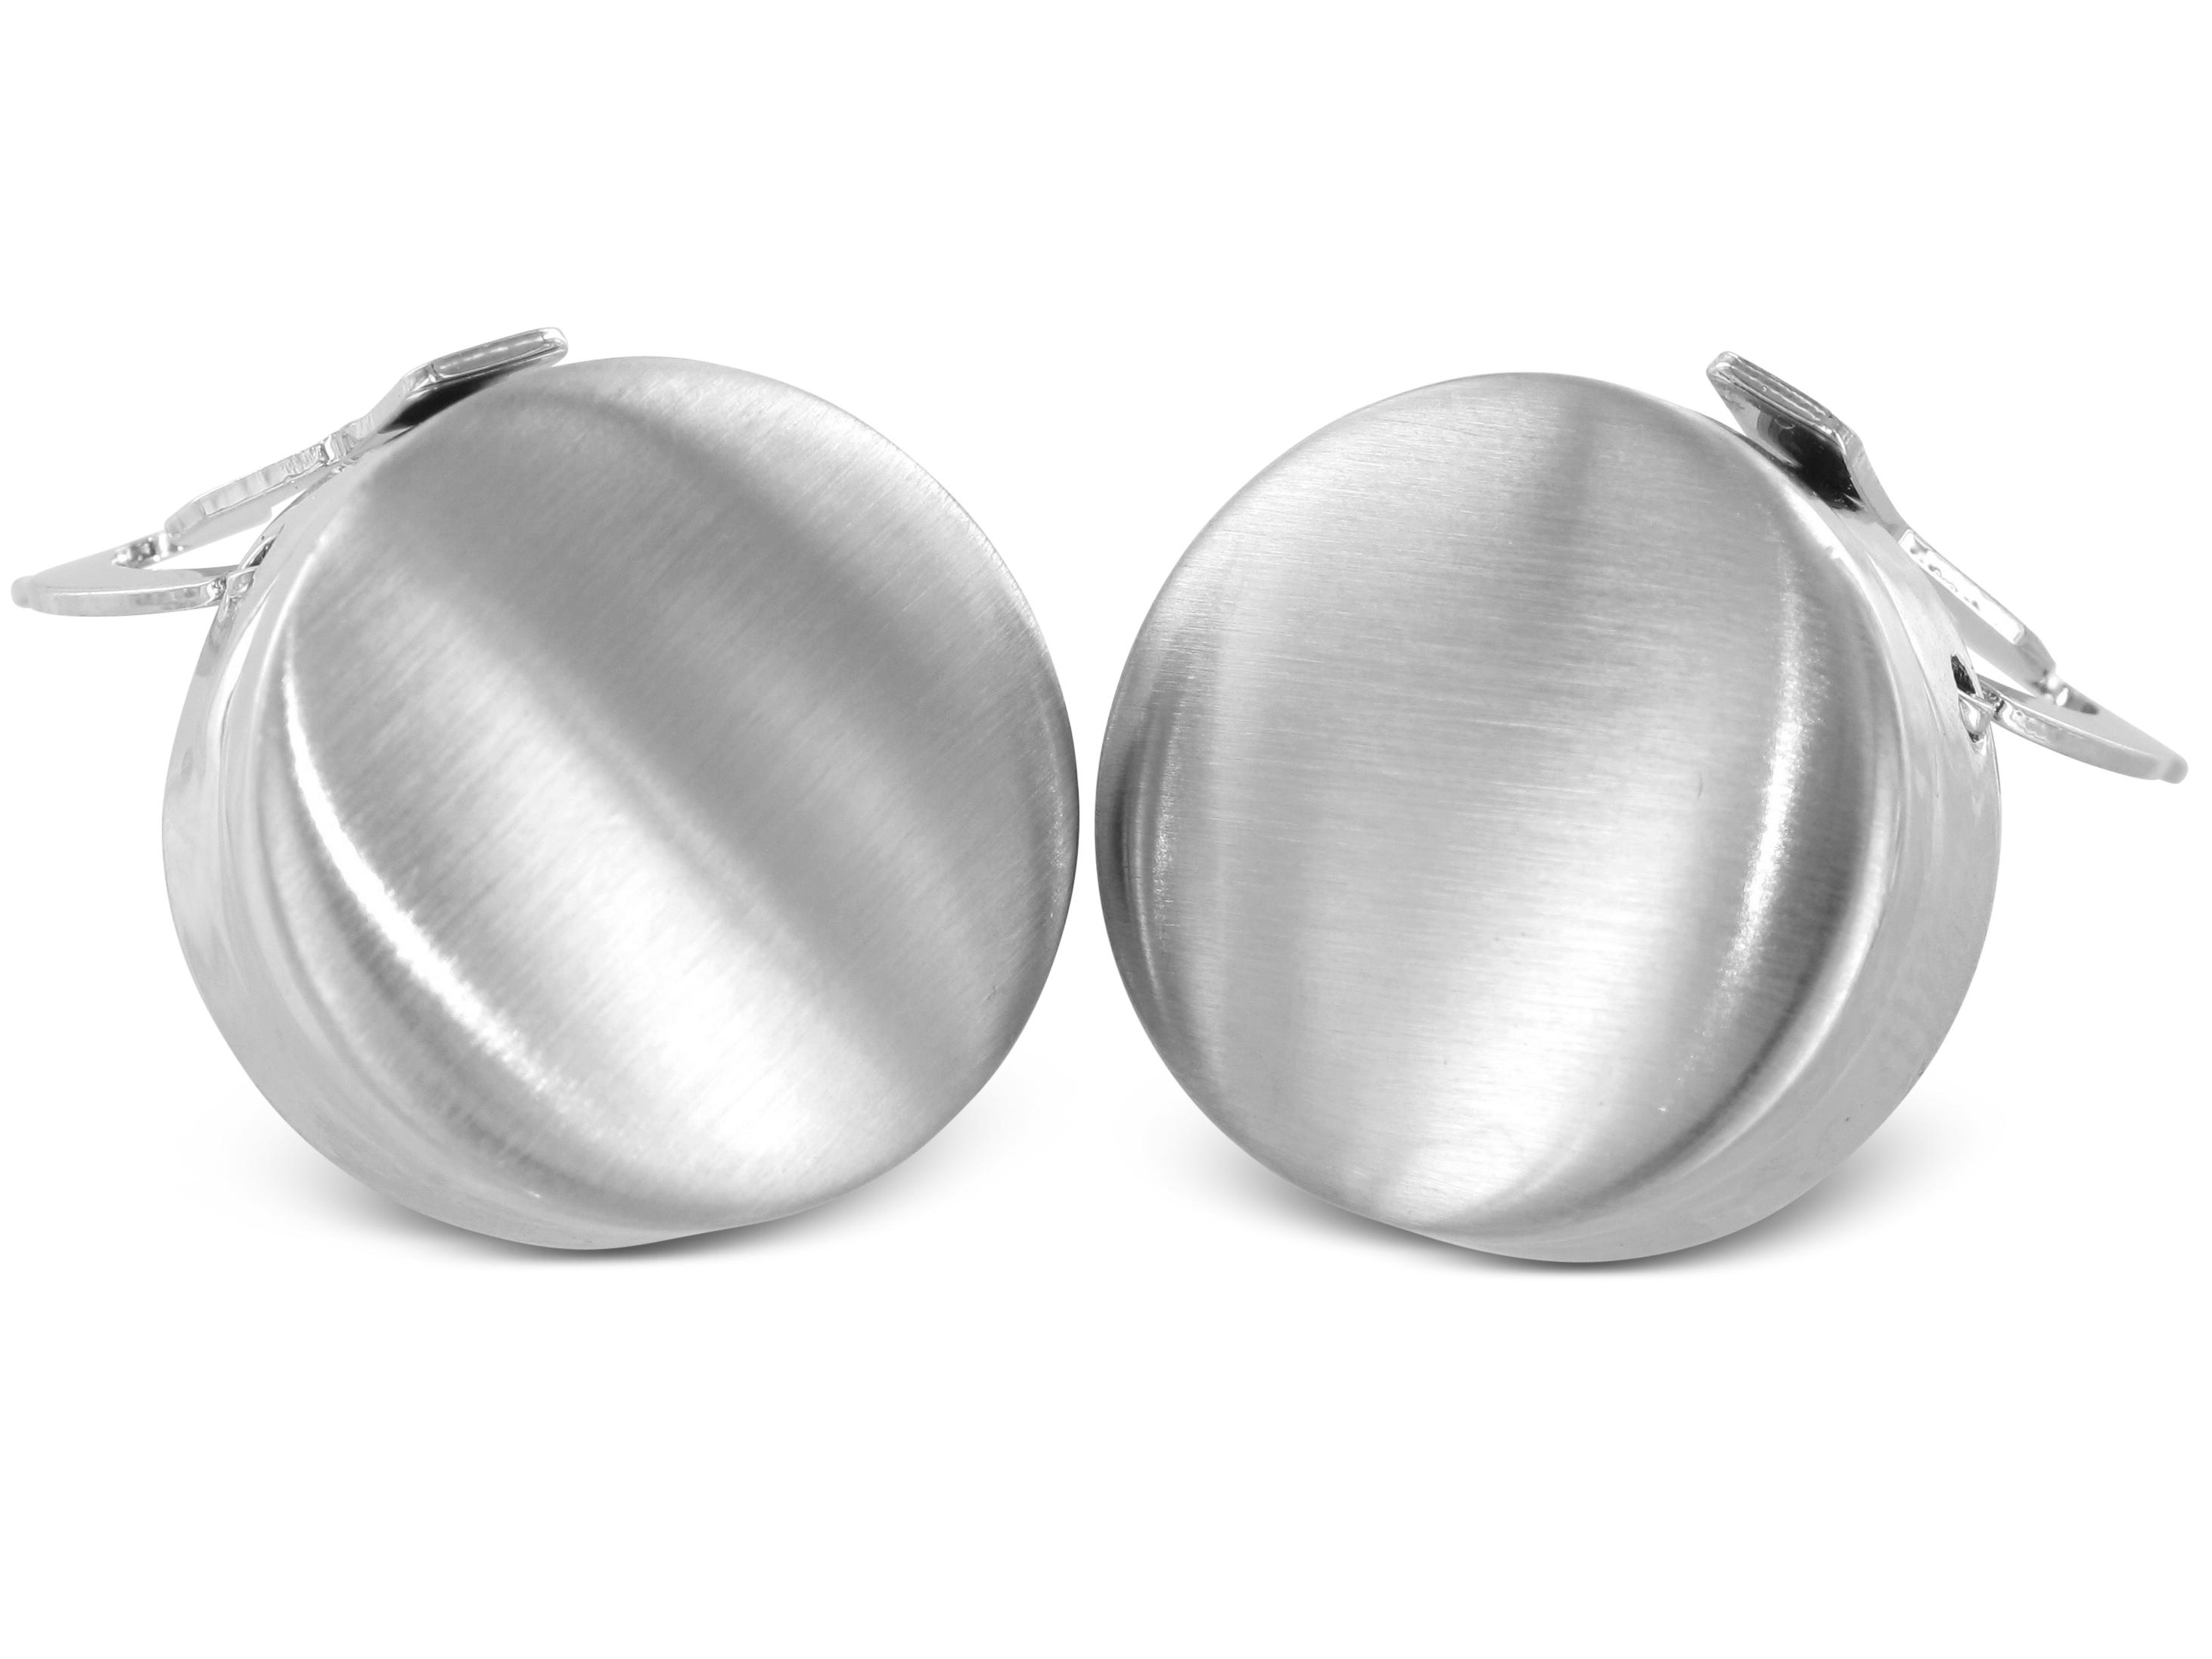 TEROON Gravur geeignet Button Toppers  - Alternative zu Manschettenknöpfen